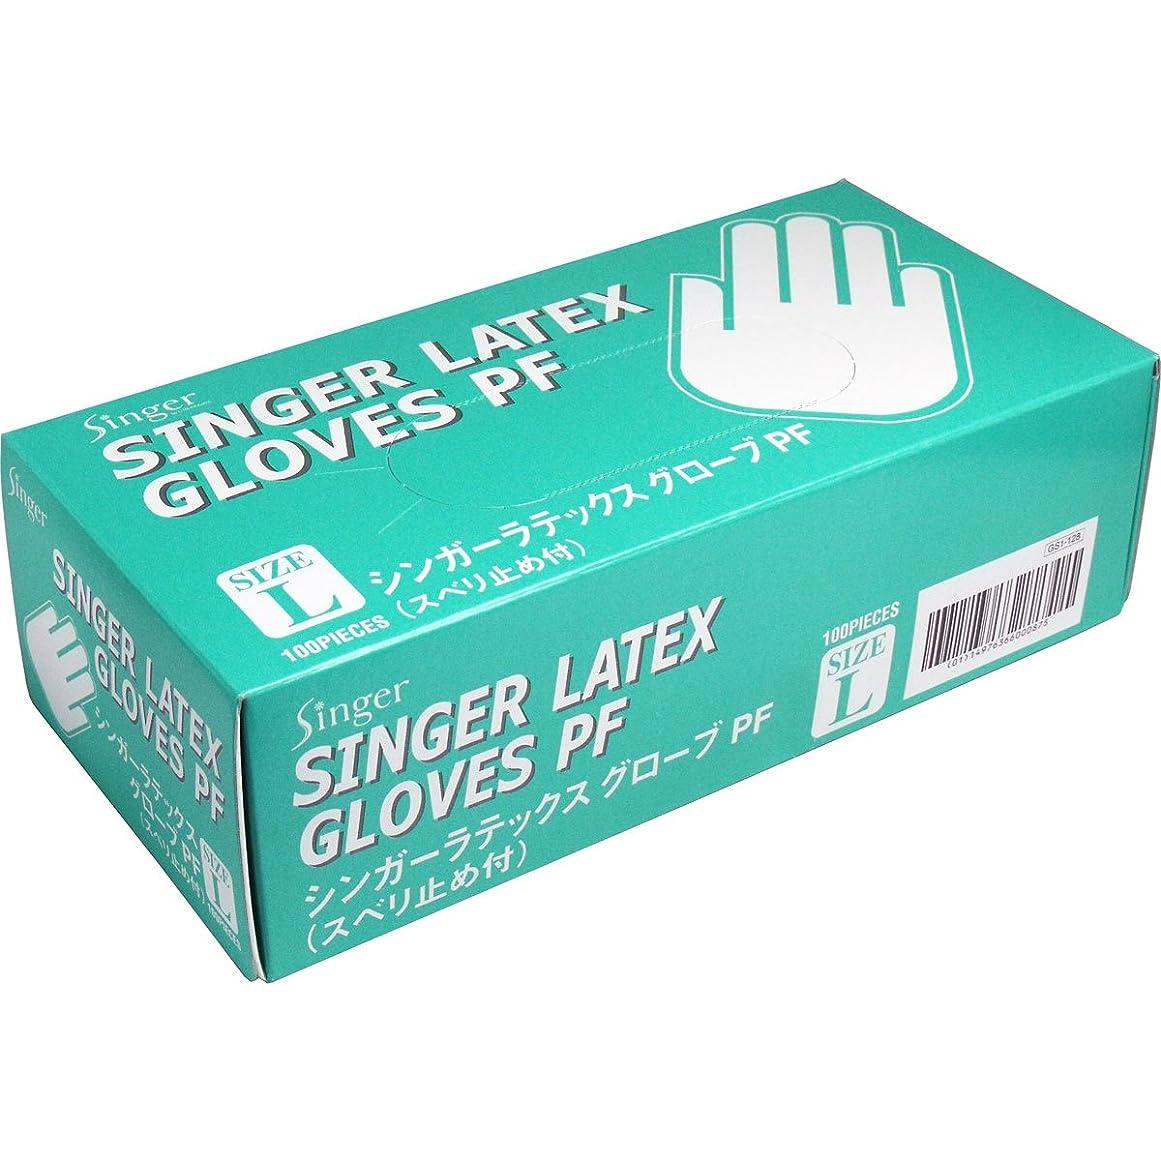 フィルタまばたき引き出すパウダーフリー手袋 素手感覚で使える 使いやすい シンガーラテックスグローブ パウダーフリー スベリ止め付 Lサイズ 100枚入【2個セット】